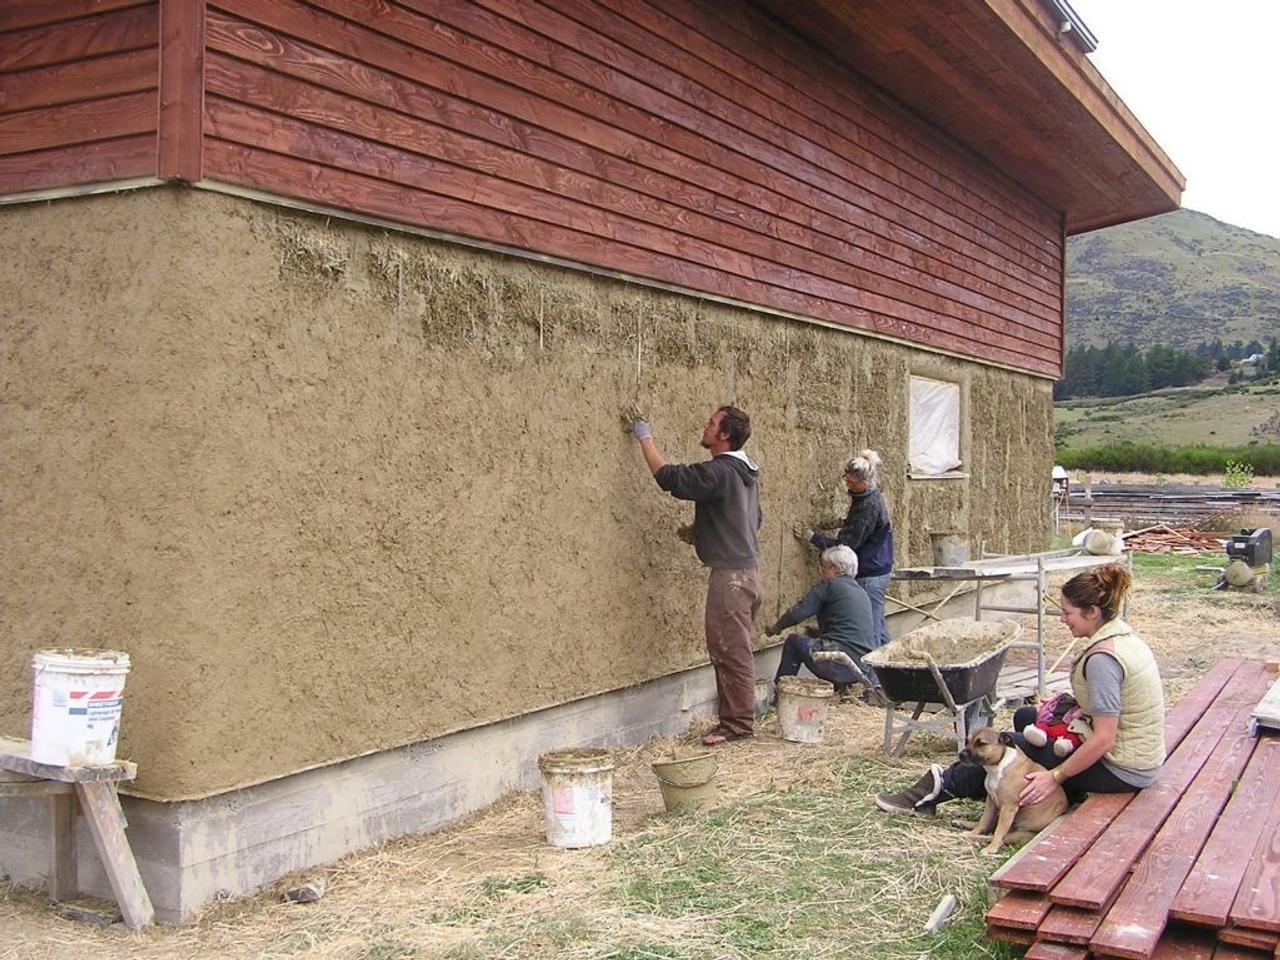 Технология теплоизоляции дома при помощи глины с добавлением опилок или соломы